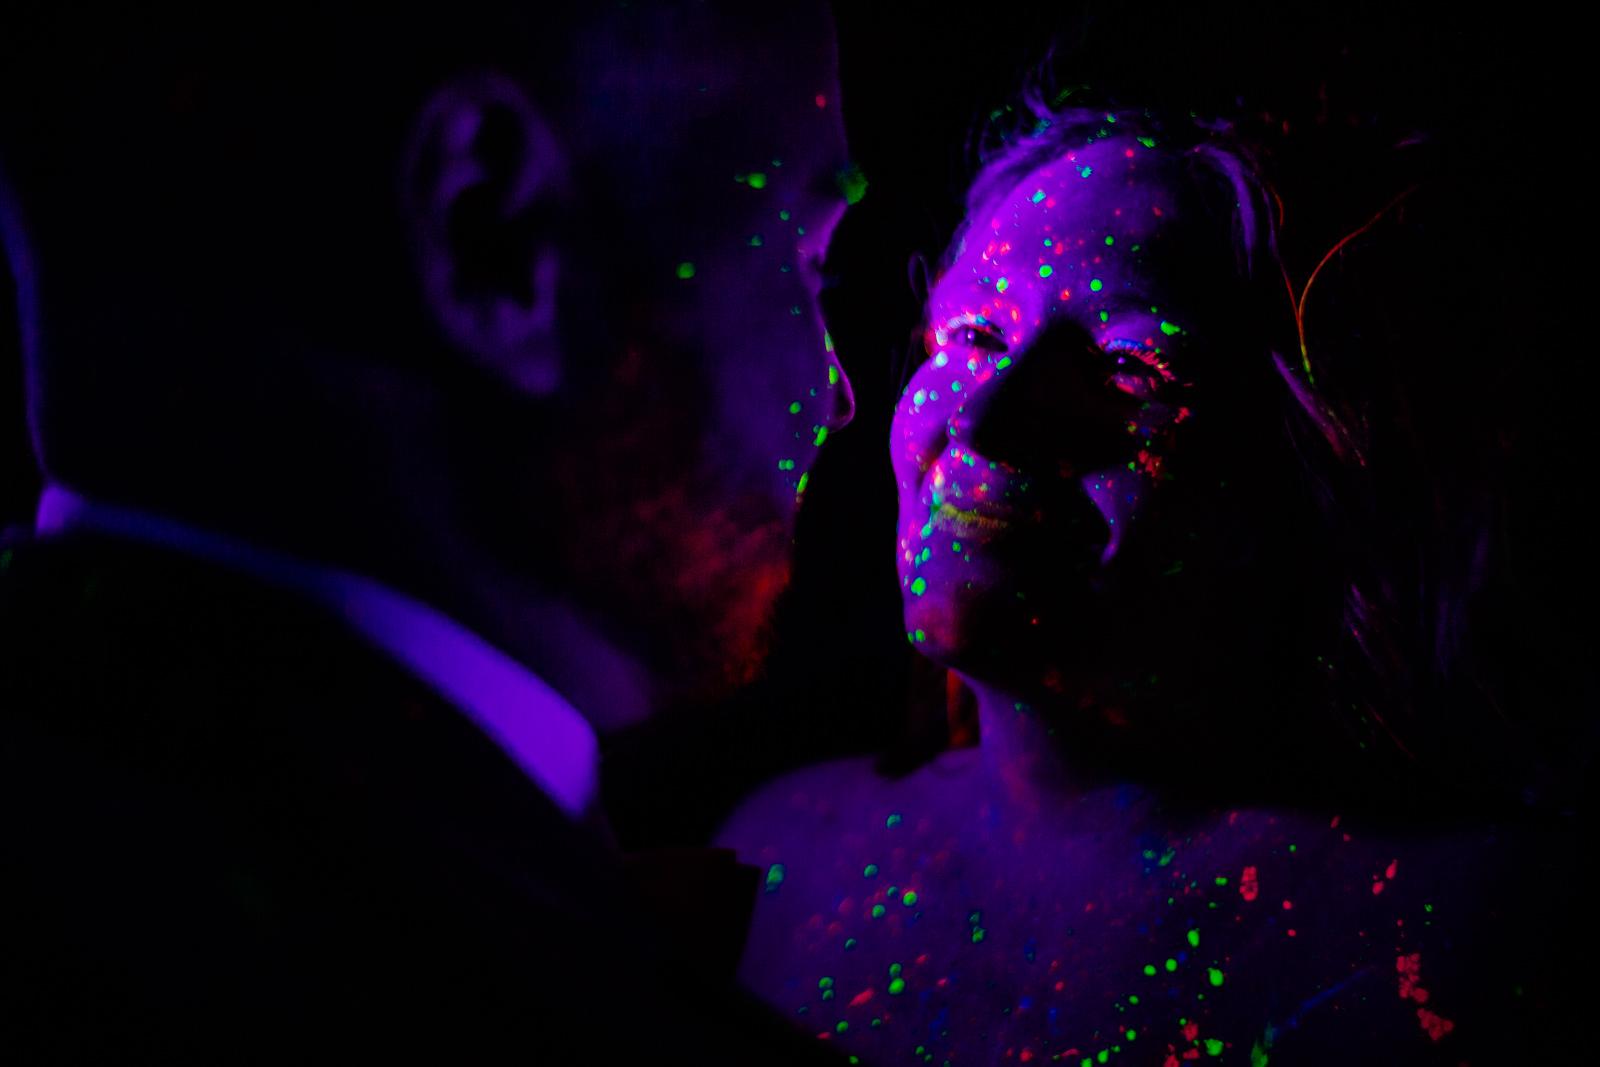 Hochzeitsfoto bei der freien Trauung von der Trautante bei einer Schwarzlicht Hochzeit im Wald fotografiert von Hochzeitsfotograf Steven Herrschaft aus Wiesbaden